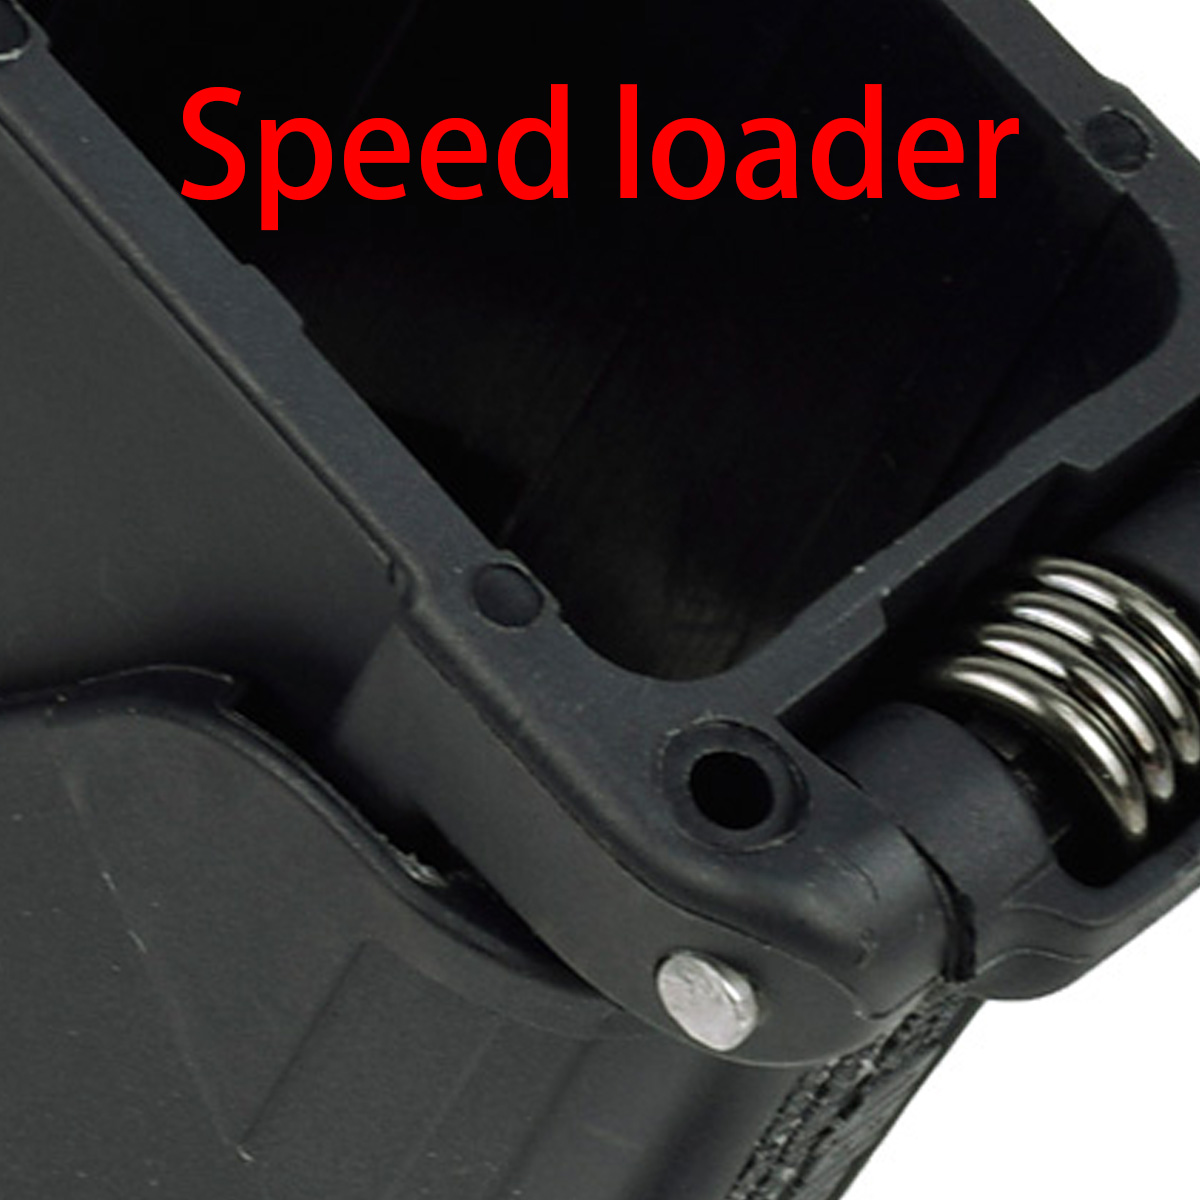 Magorui Tijdschrift Snelheid Loader Voor 9Mm. 40 .357 .45 .22 22LR En Bijna Glock 1911 Cz 75 P320 Pistool